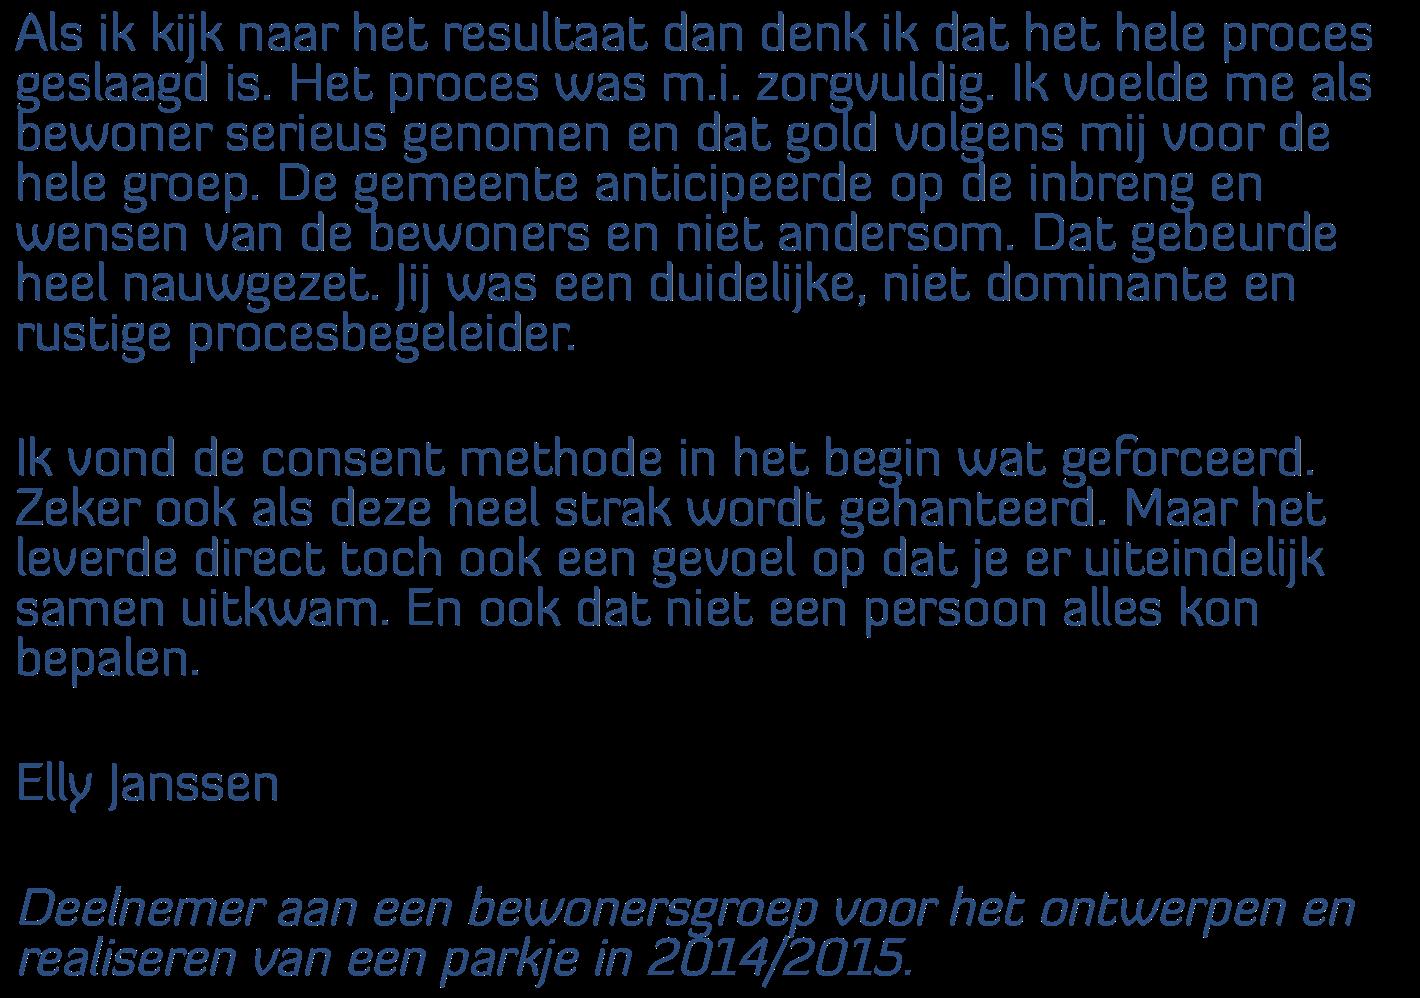 ervaring consent Elly Janssen.png